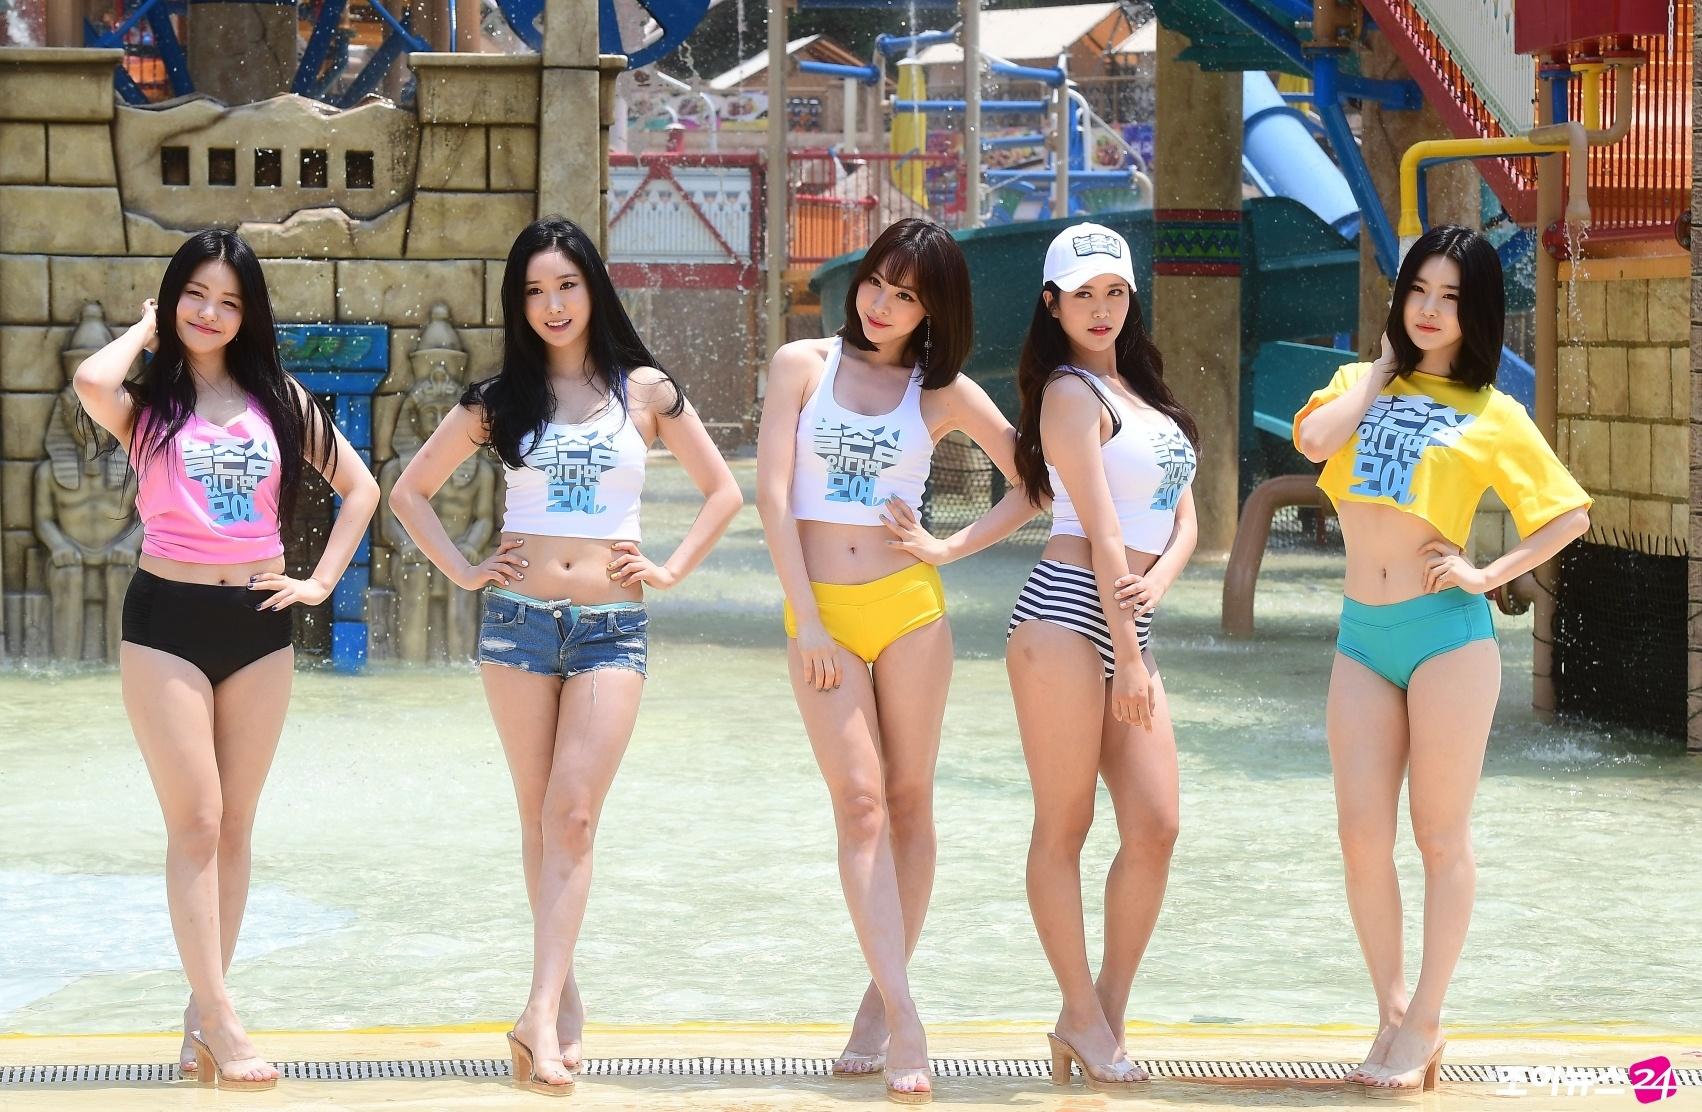 in their bikini Girls